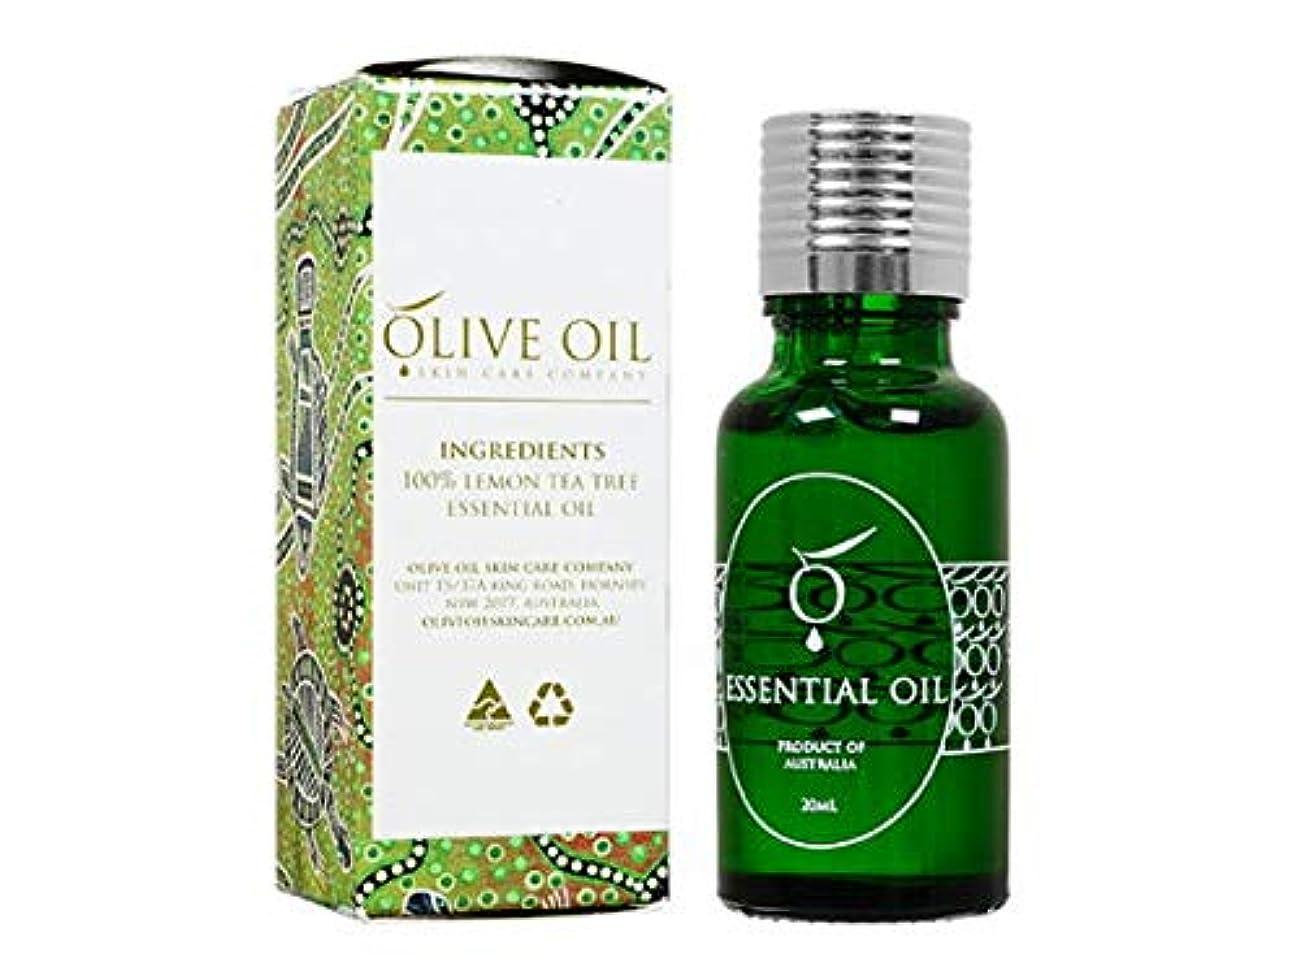 マイコン第三起きているOliveOil エッセンシャルオイル?レモンティーツリー 20ml (OliveOil) Essential Oil (Lemon Tea Tree) Made in Australia